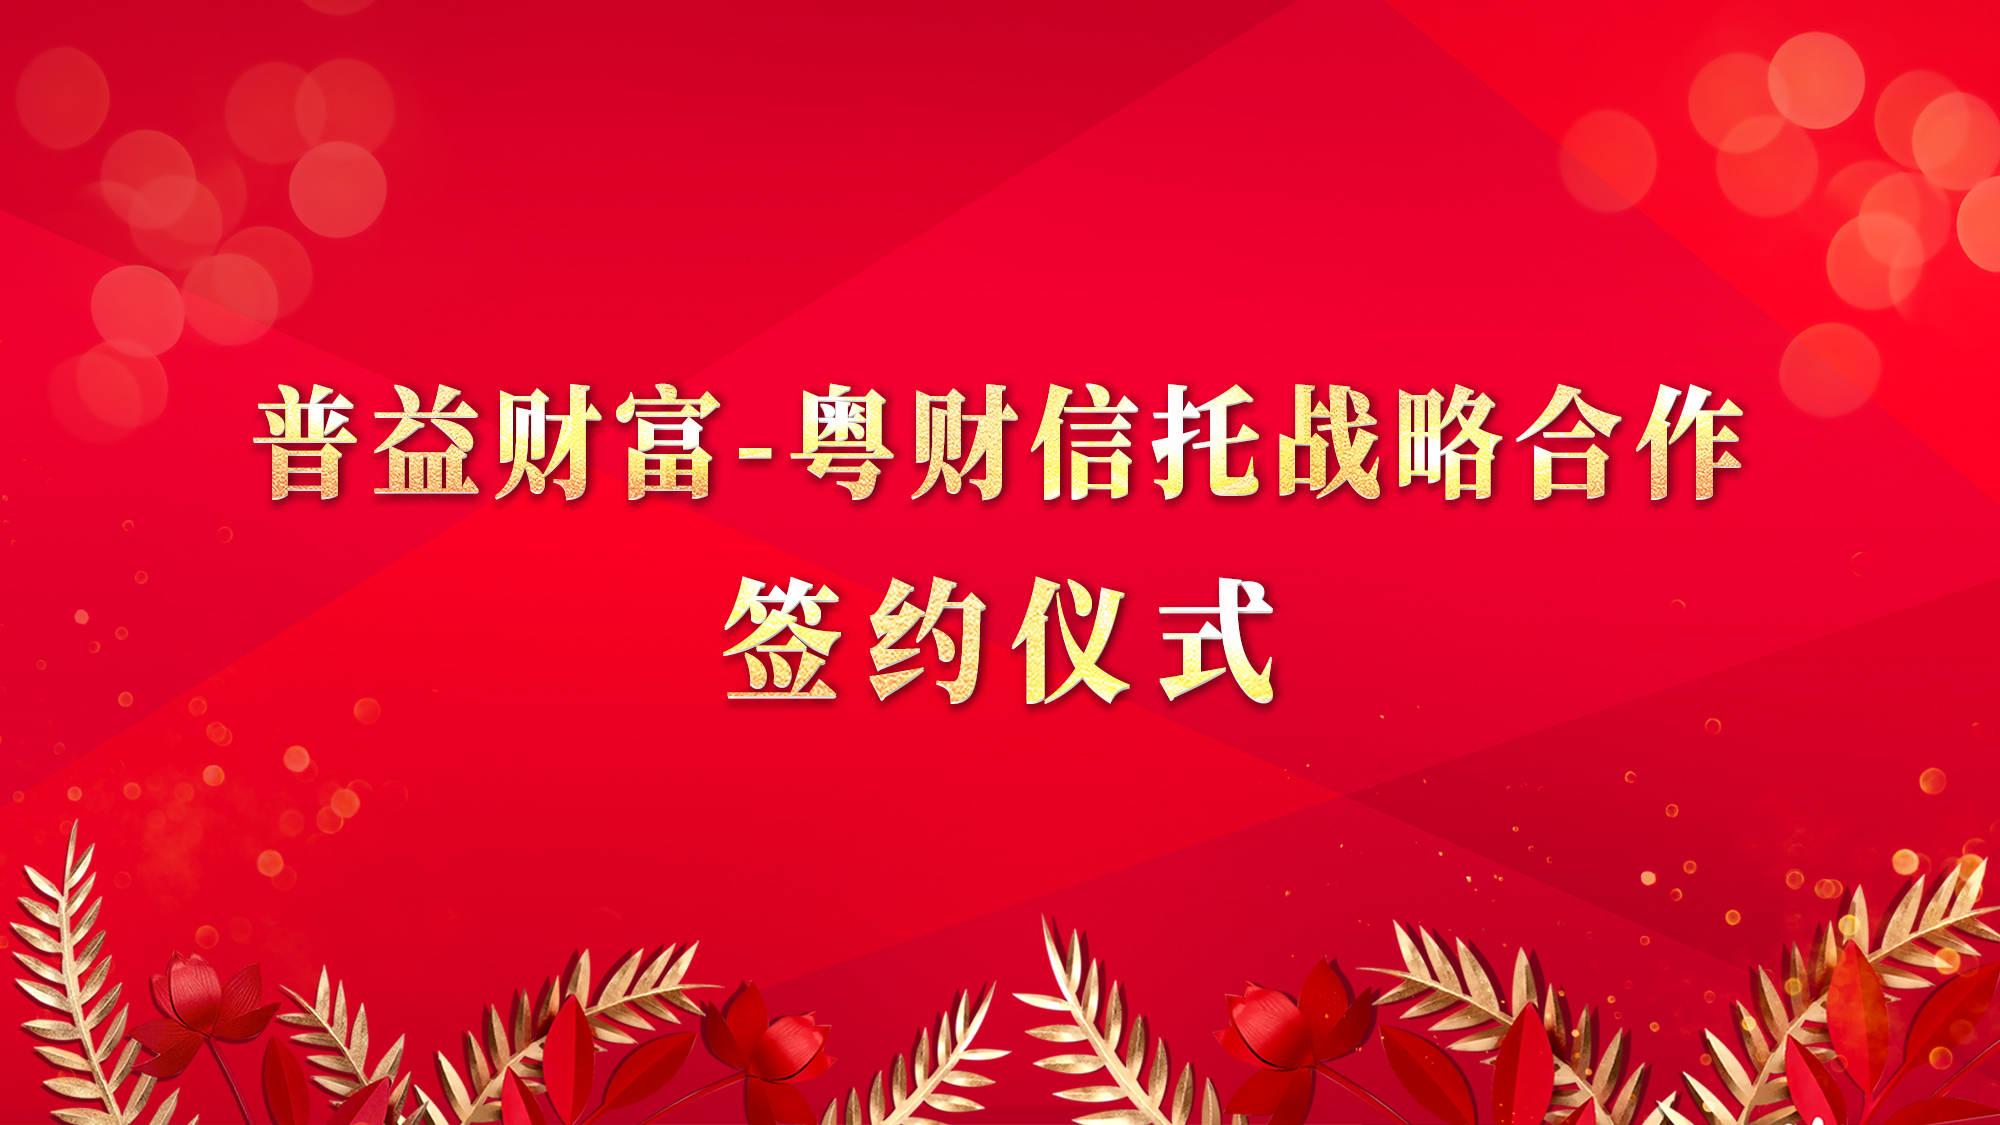 粤财信托:普益财富与粤财信托达成战略合作